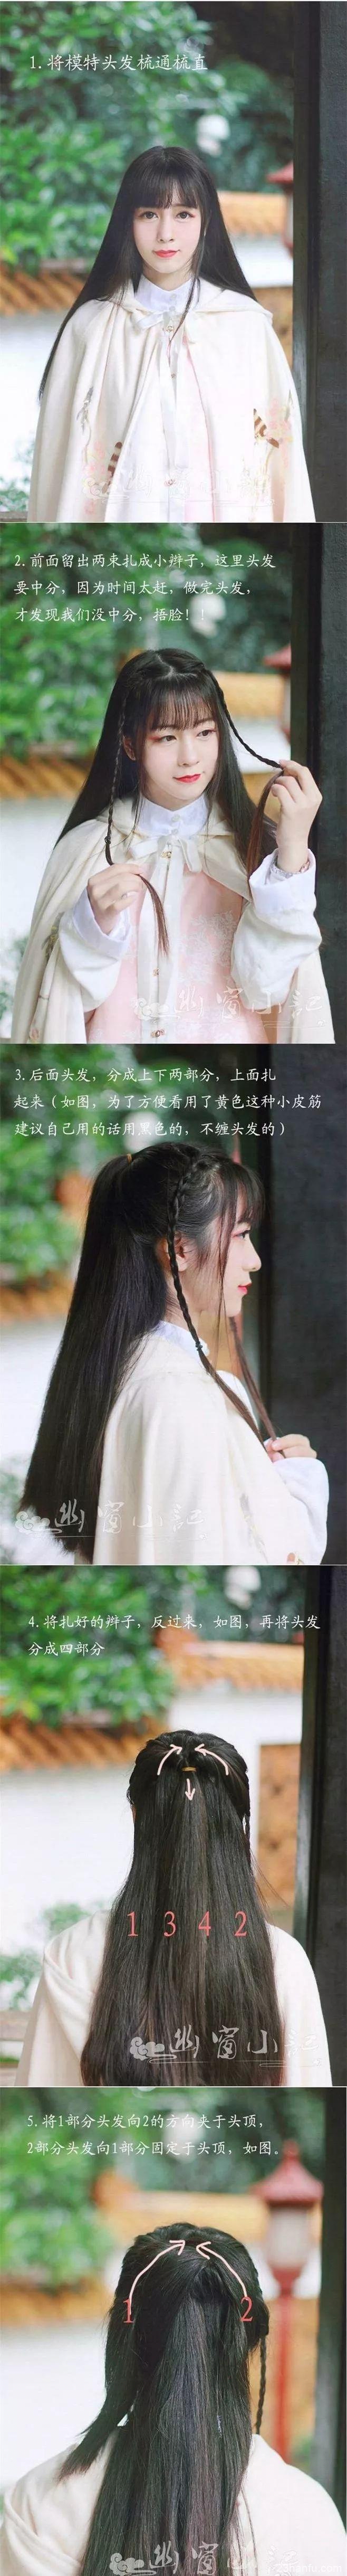 【汉服发型】无发包日常汉服盘发教程